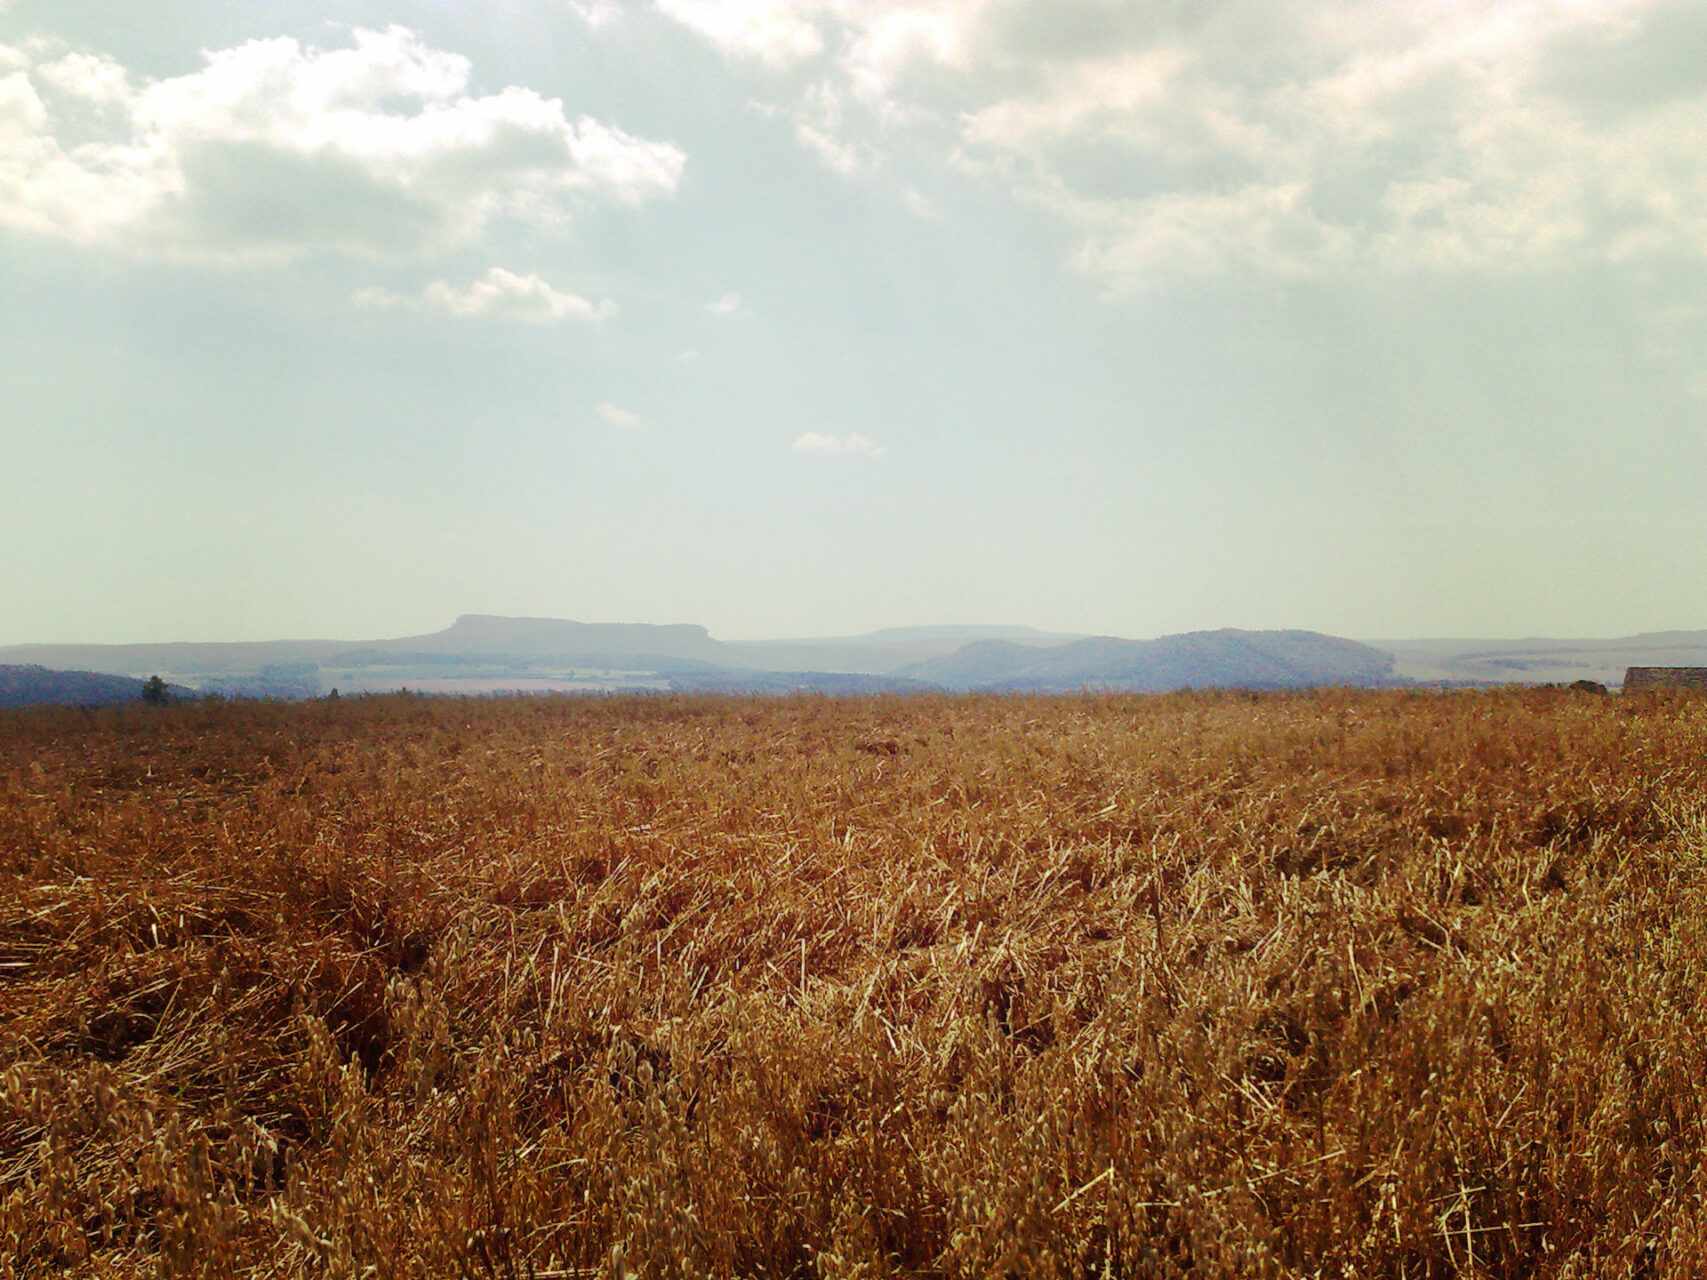 Der Weg heißt nicht umsonst Panoramaweg. Immer wieder präsentieren sich die umliegenden Berge und ergeben ein fantastisches ... na wer weiß es? ... richtig! ... Panorama.